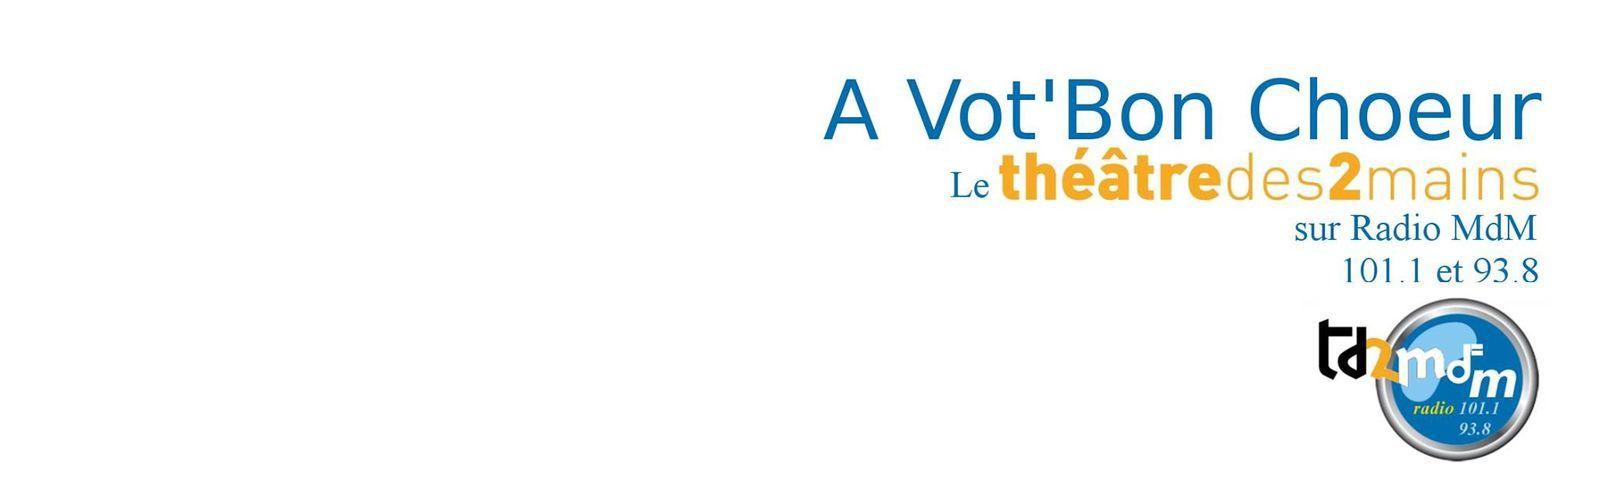 A vot'bon Choeur 3